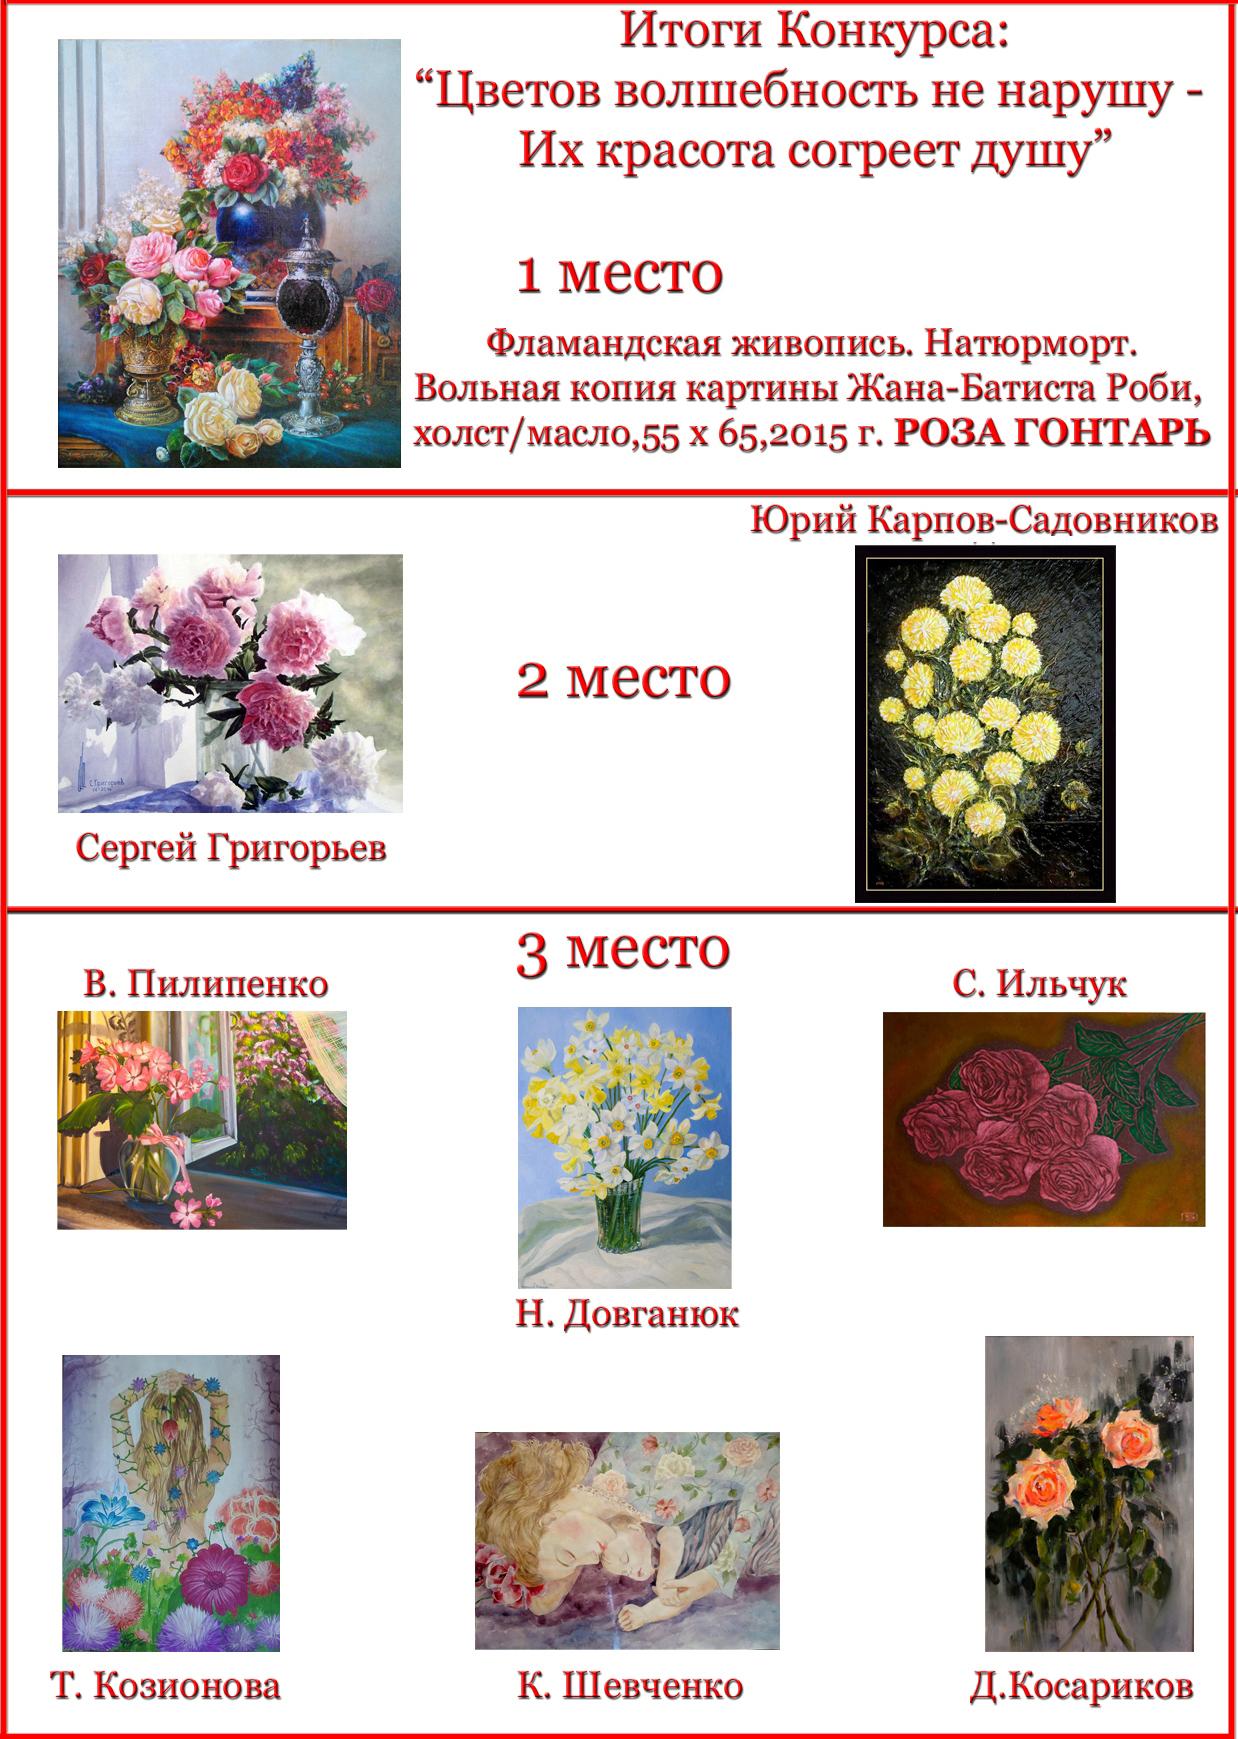 Конкурс цветов результаты конкурса